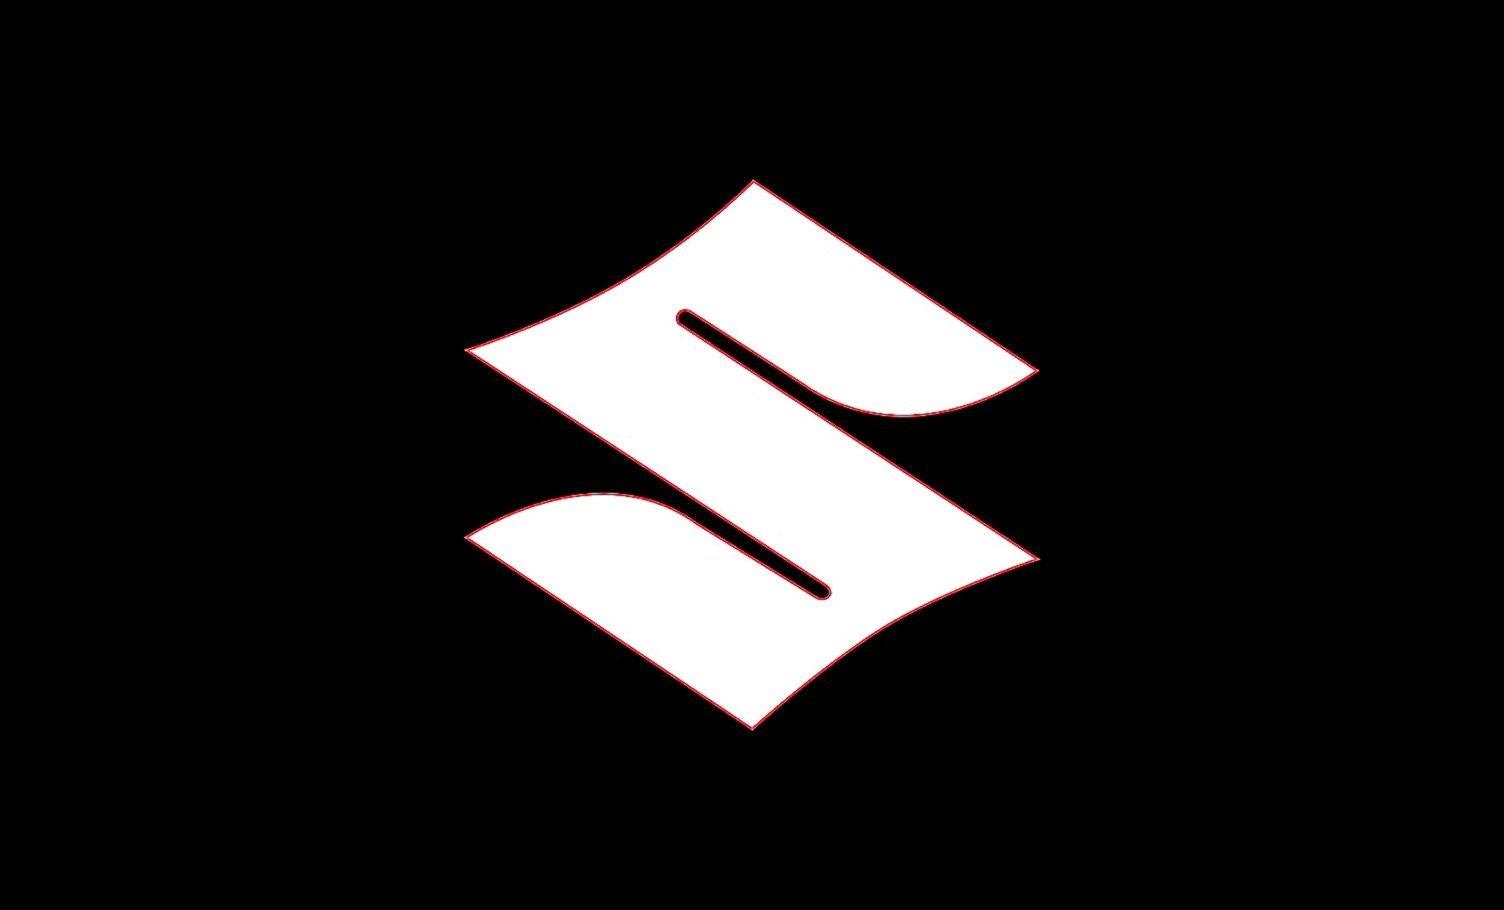 Suzuki Logo Suzuki Car Symbol Meaning And History Car Brands Car Logos Meaning And Symbol